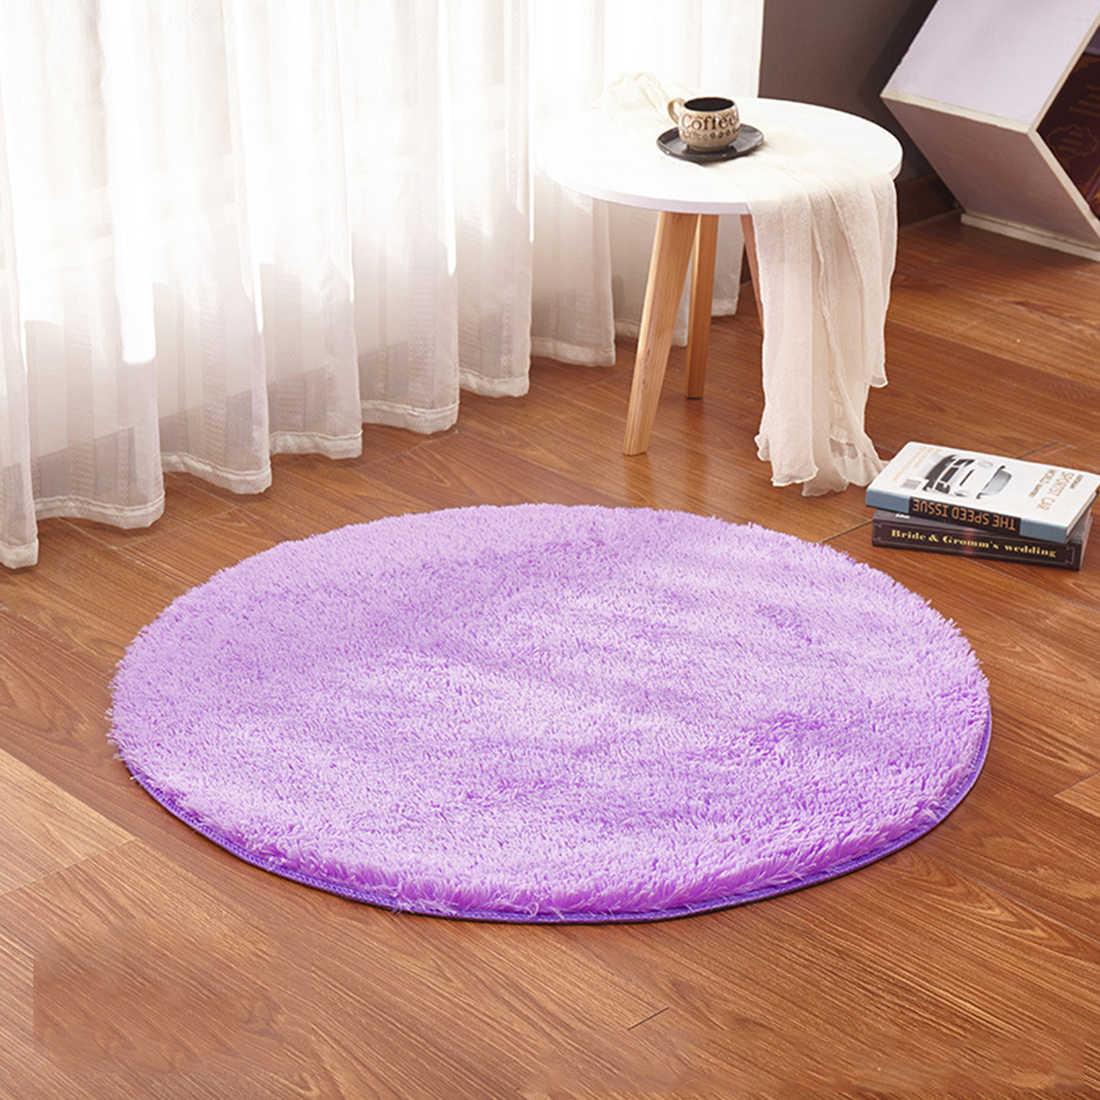 Многоцветный мягкий ворсистый круглый ковер для гостиной, спальни, коврик для пола, ковер диаметром 30 см-160 см, украшение для дома